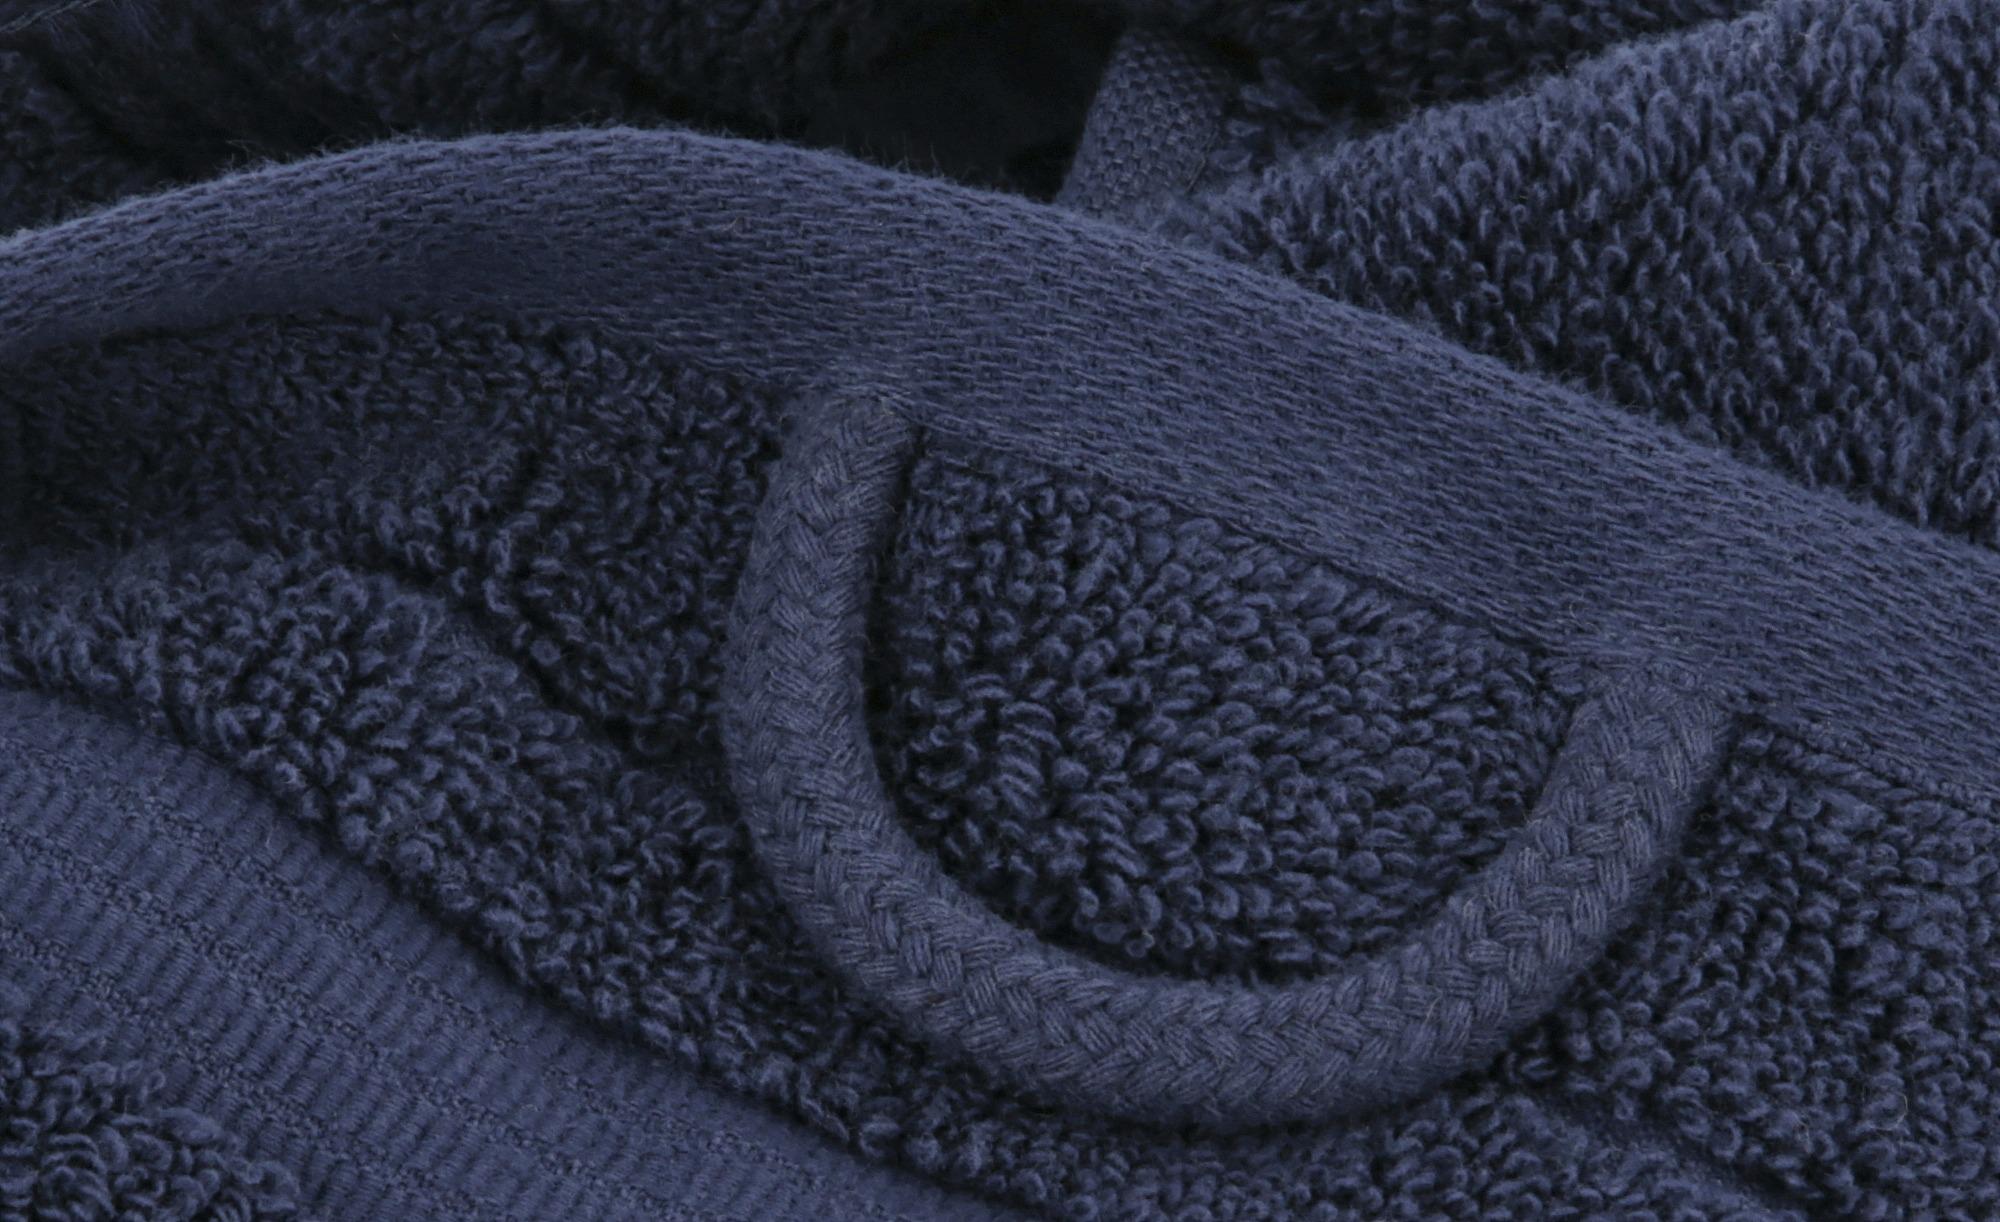 VOSSEN Duschtuch  Soft Dreams ¦ blau ¦ 100% Baumwolle ¦ Maße (cm): B: 67 Badtextilien und Zubehör > Handtücher & Badetücher > Duschtücher - Höffner